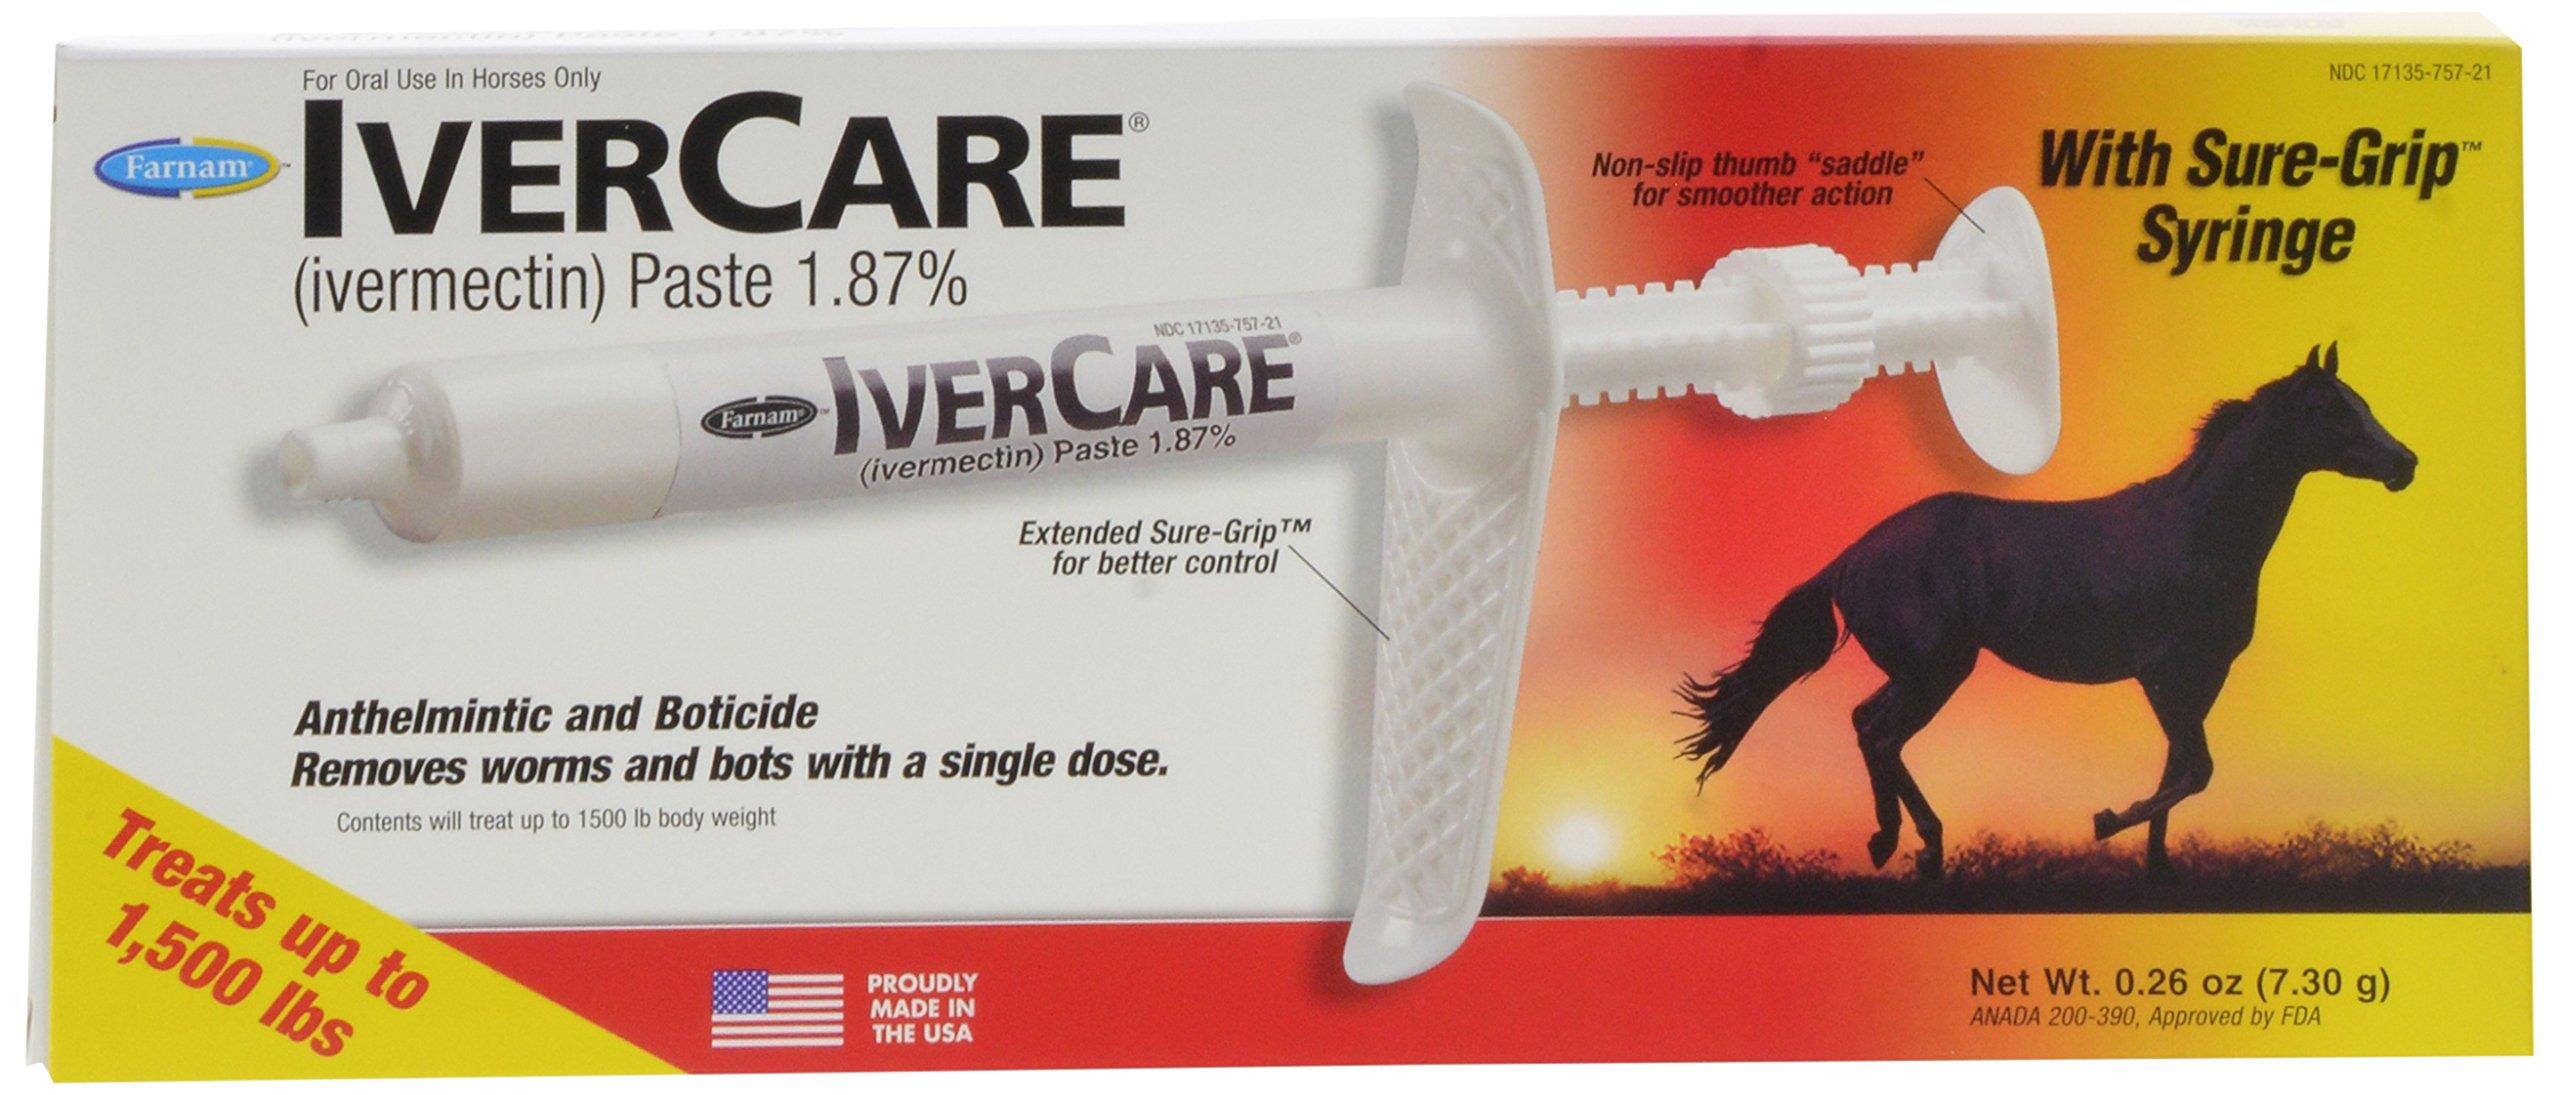 Farnam Ivercare Dewormer Paste, 3-Pack